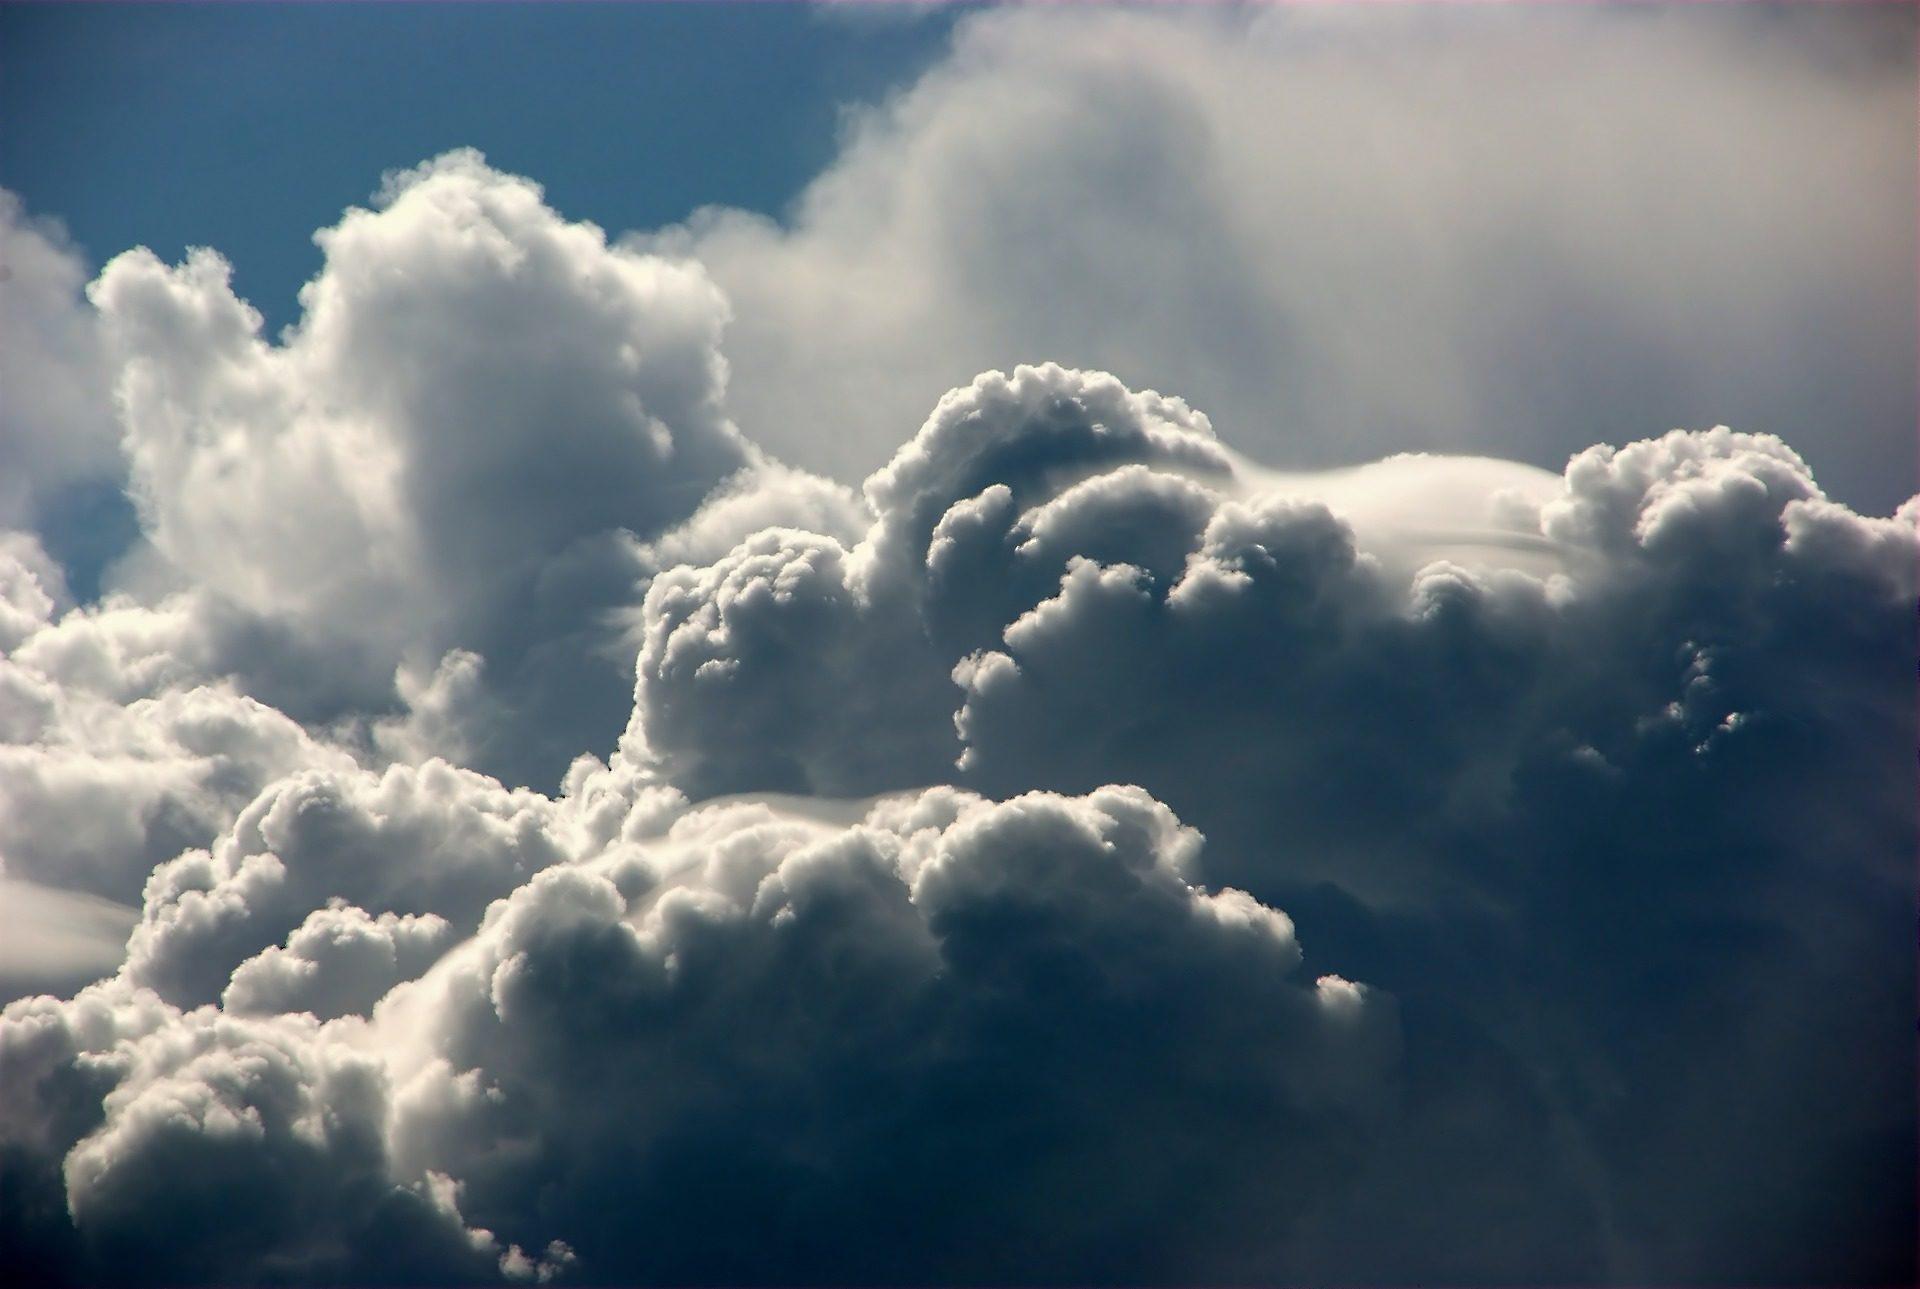 nubes-tormenta-cumulonimbos-formas-densidad-lluvia-fondos-de-pantalla-hd-professor-falken.com_